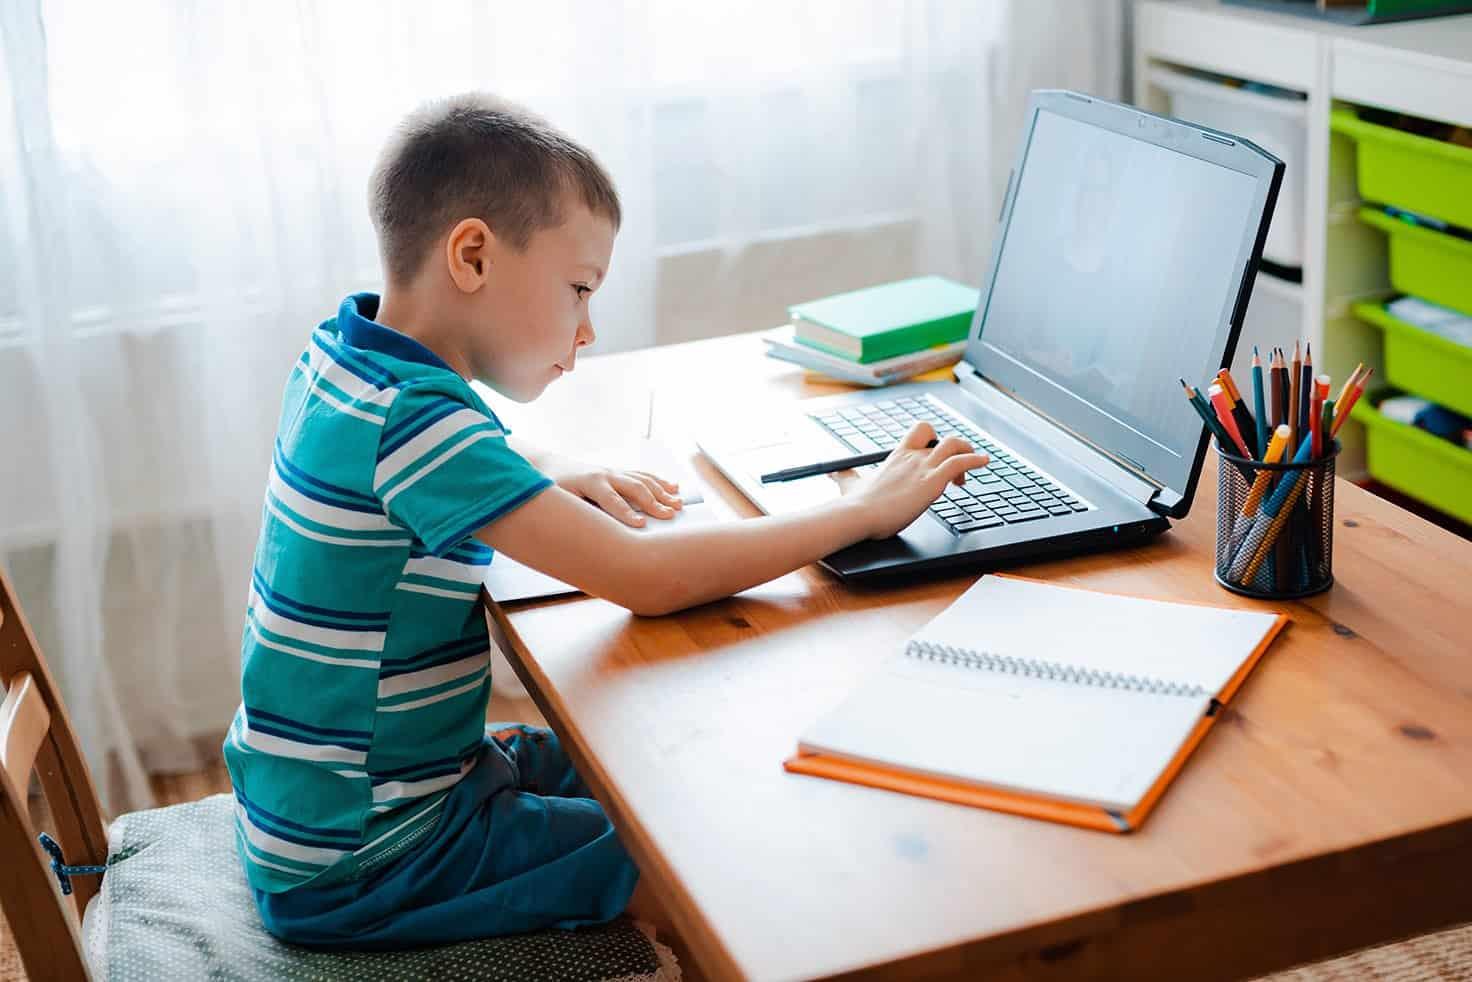 Child sitting at desk doing homework